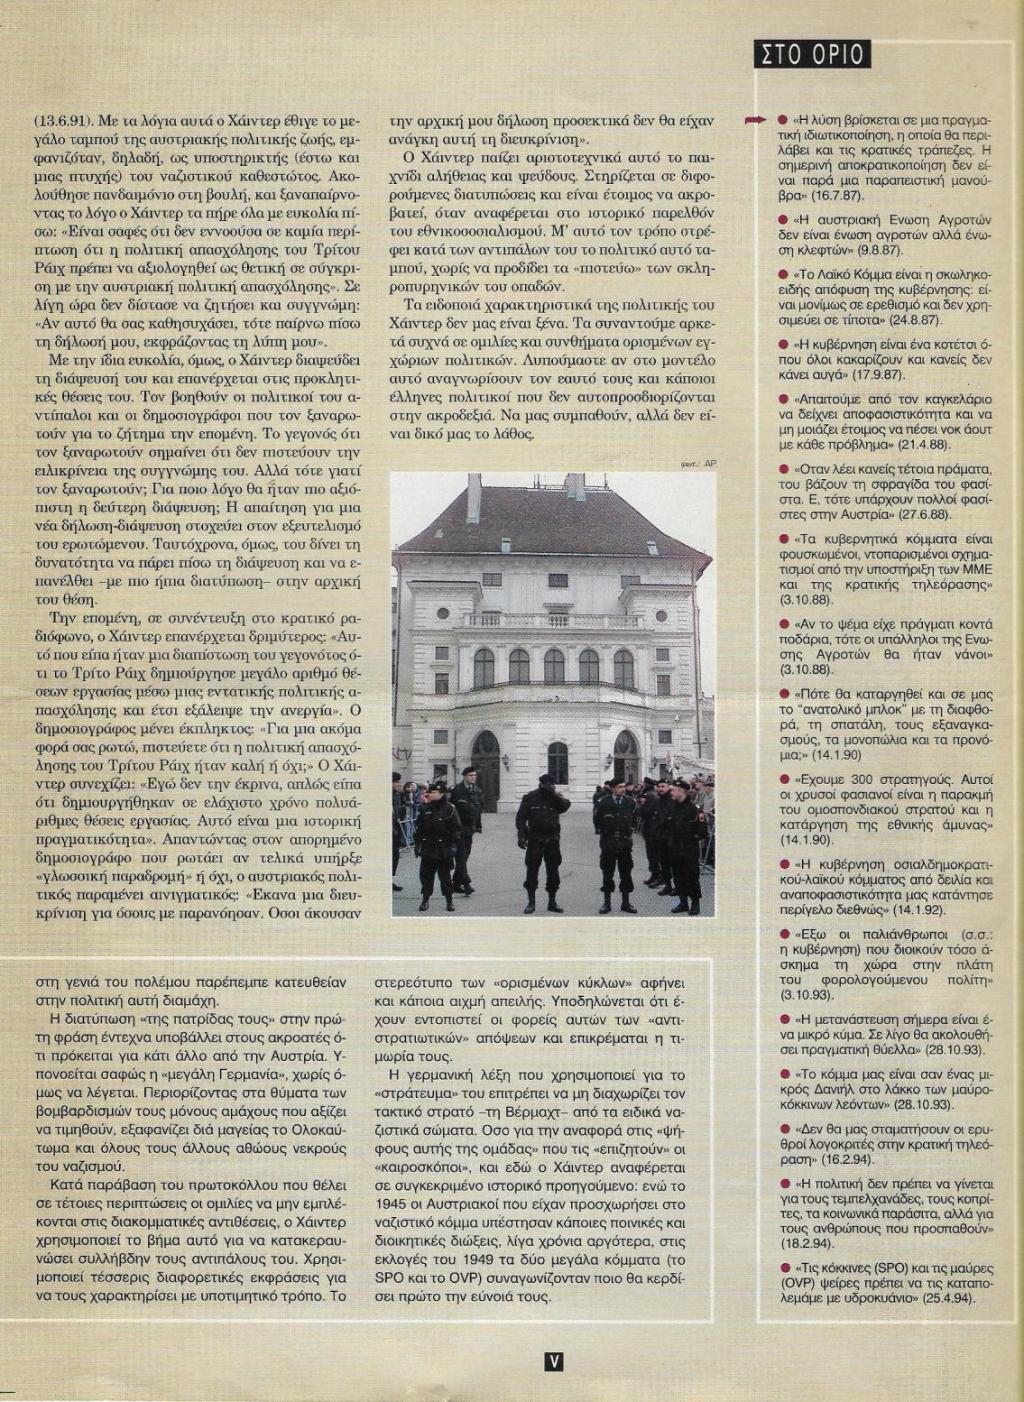 2000-03-19-ΕΨΙΛΟΝ - Ιός - Πως θα γίνετε Χάιντερ της Ελλάδας Οδηγίες προς πολιτευομένους -05